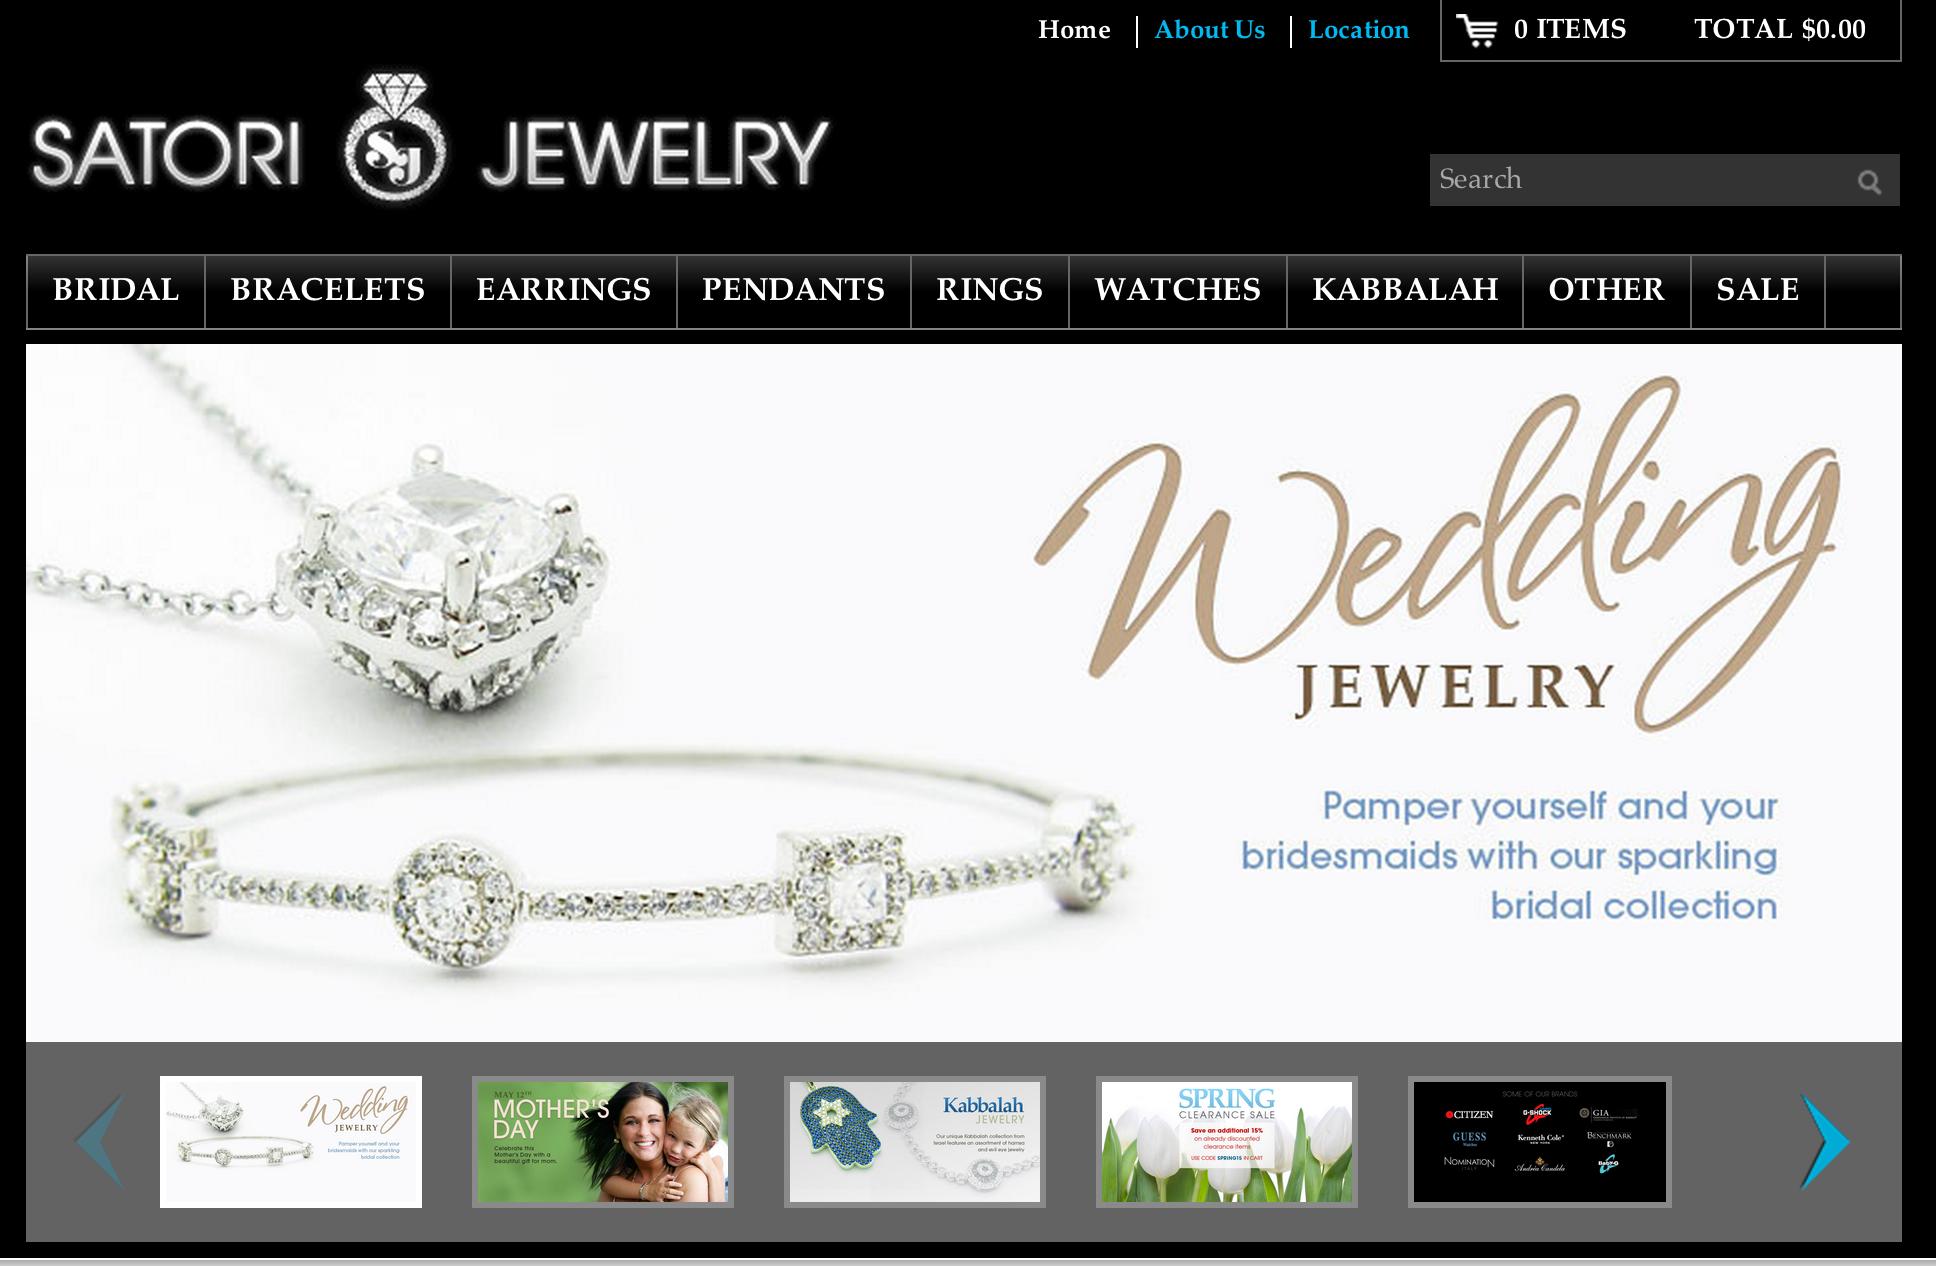 Satori Jewelry